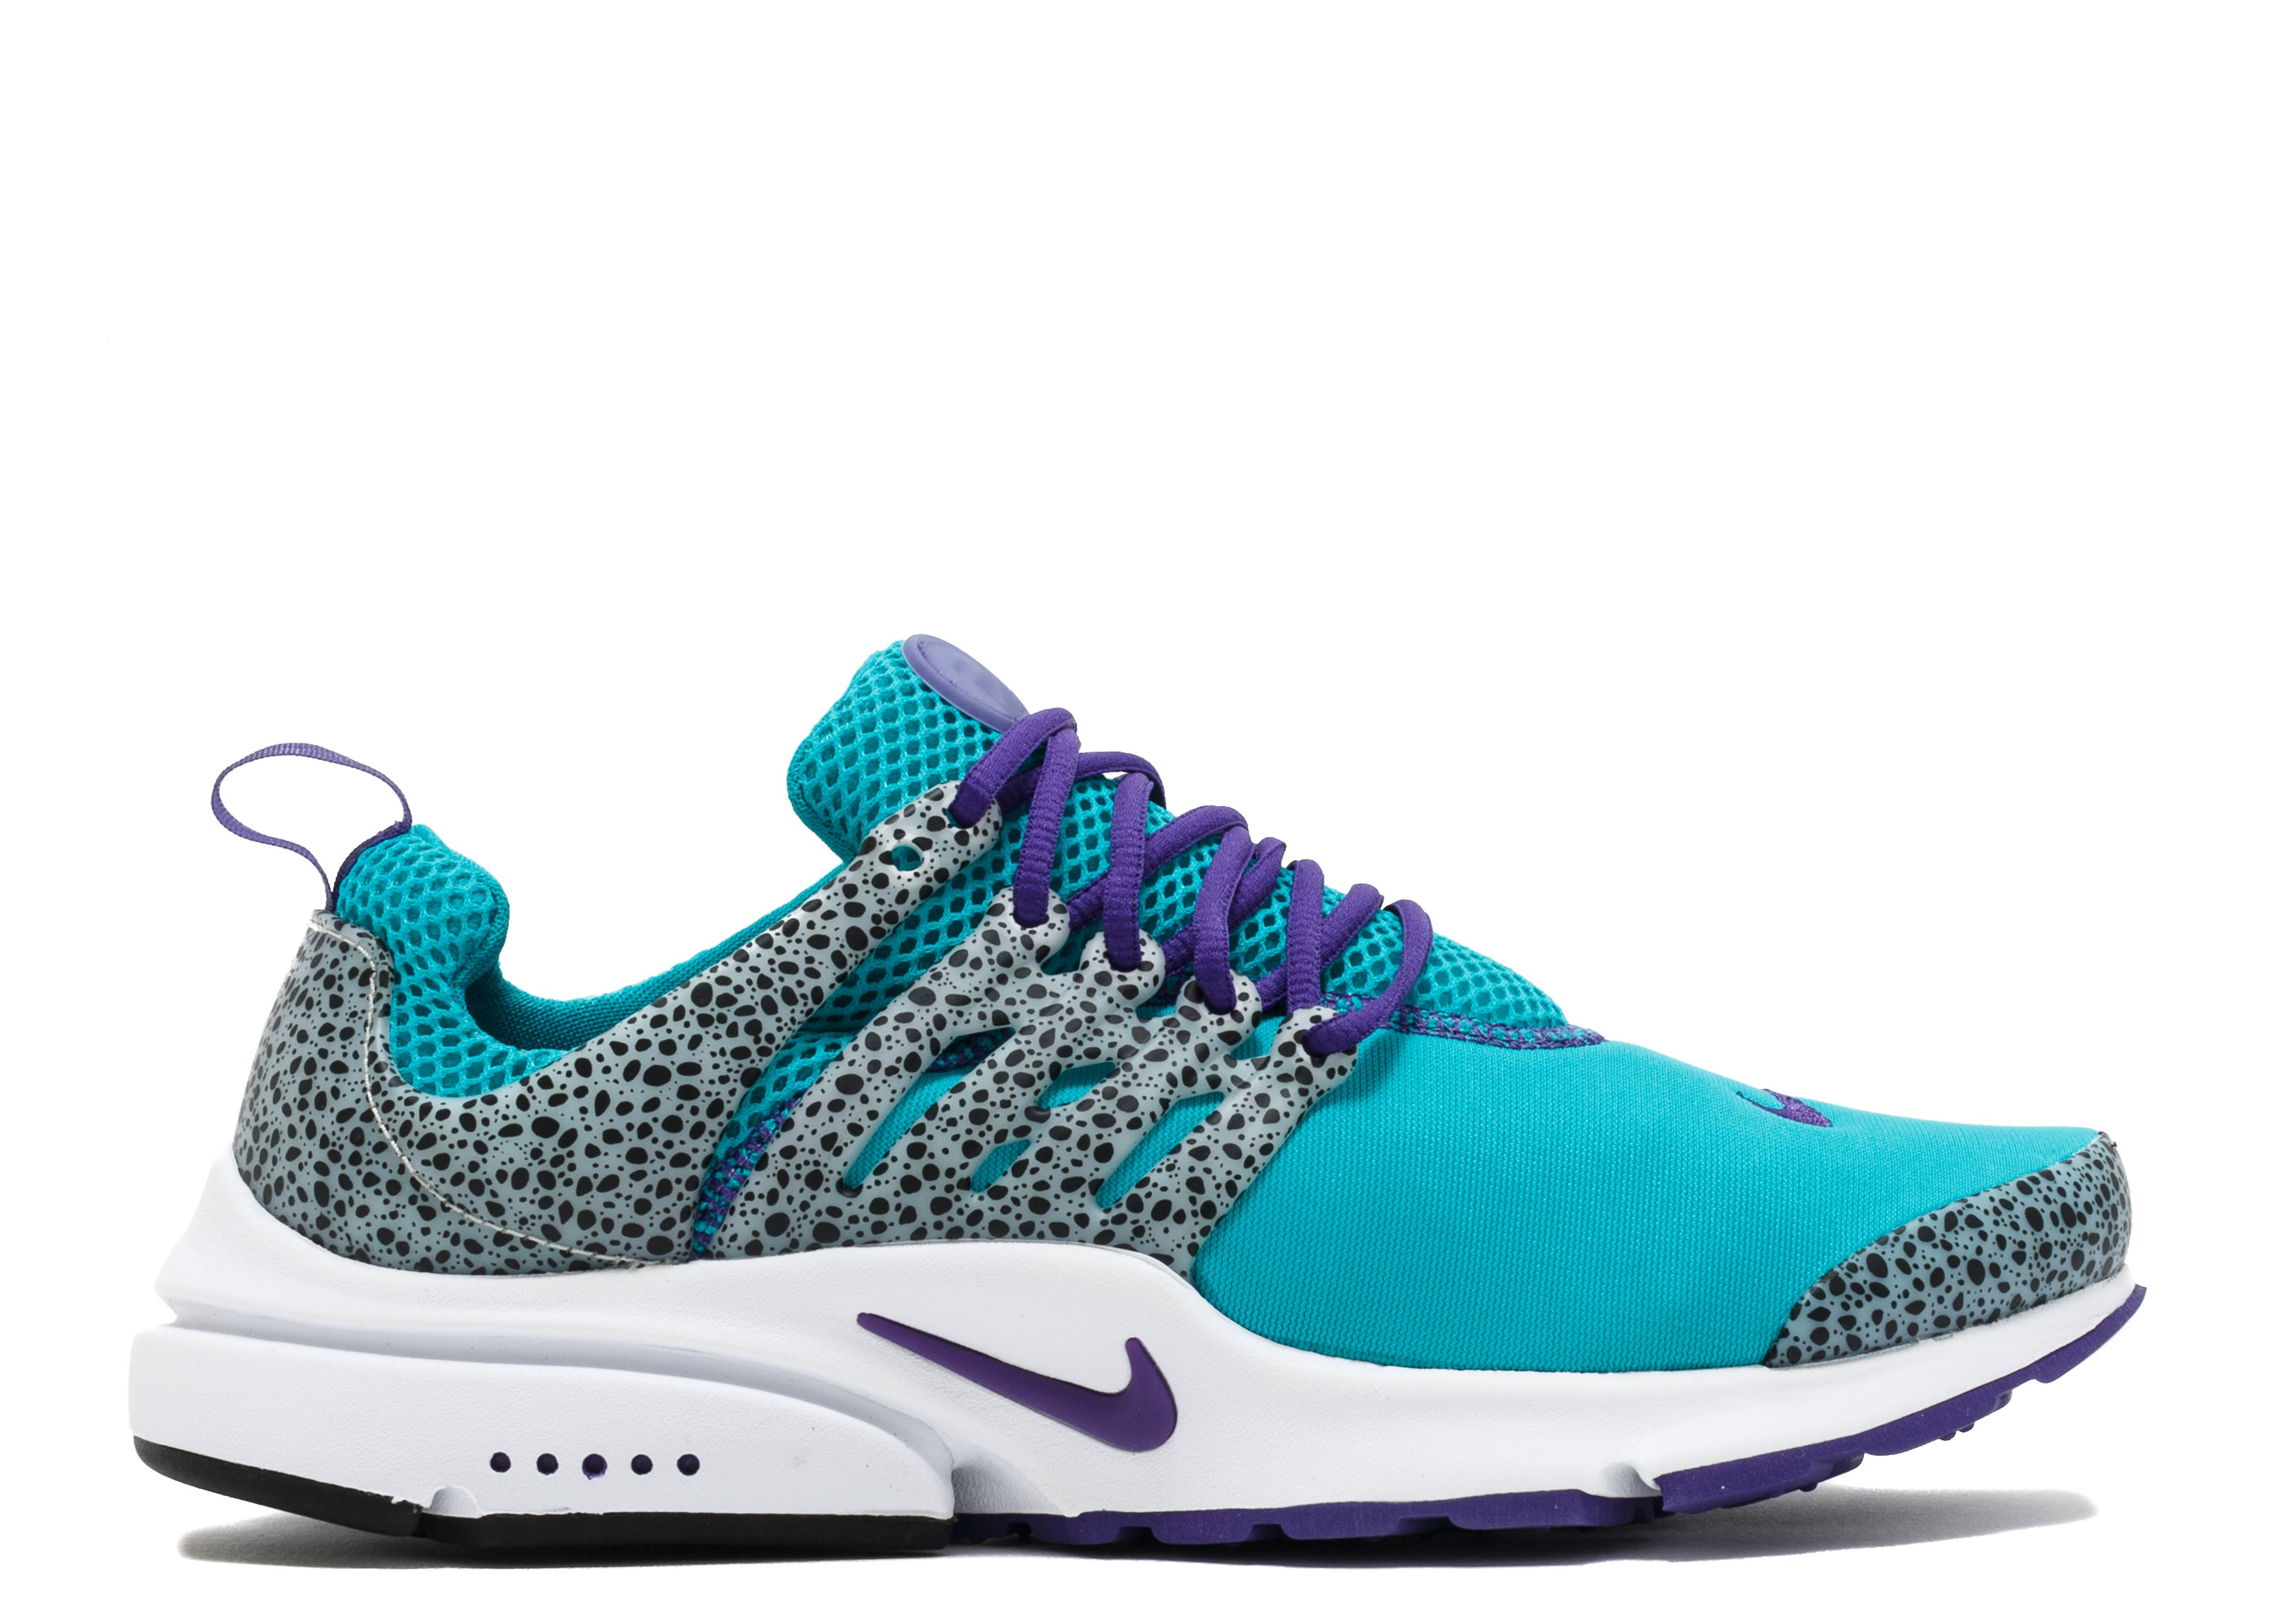 best sneakers 34942 97327 nike air presto qs